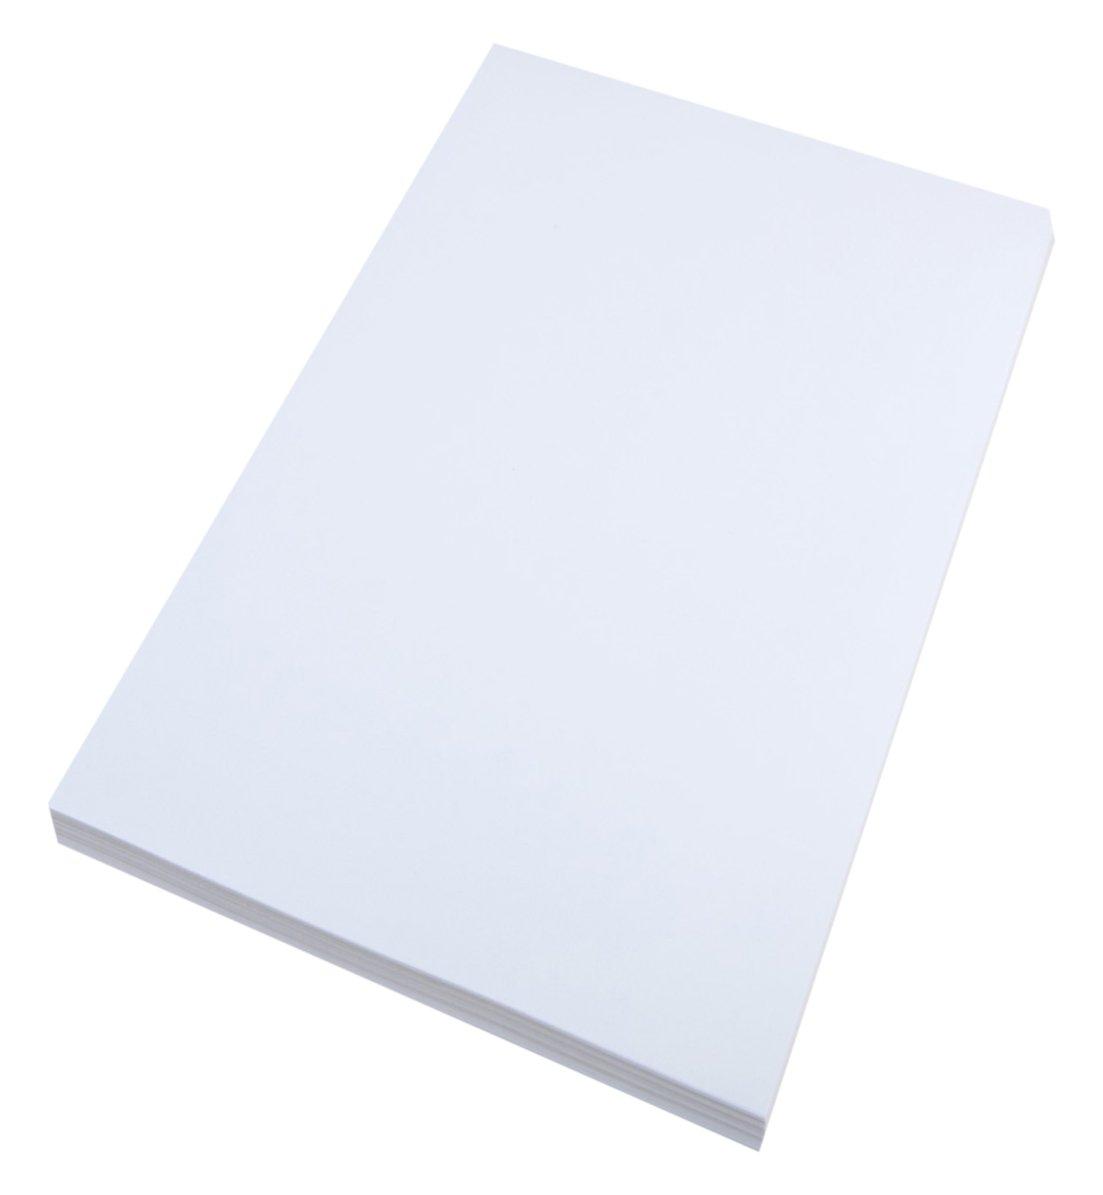 250 g g g m²-Karten in A2-Format in weiß, 50 Blätter, von House of Card and Paper B01NCOTZ06 | Komfort  | Outlet Store Online  | Elegante Form  b6ee15